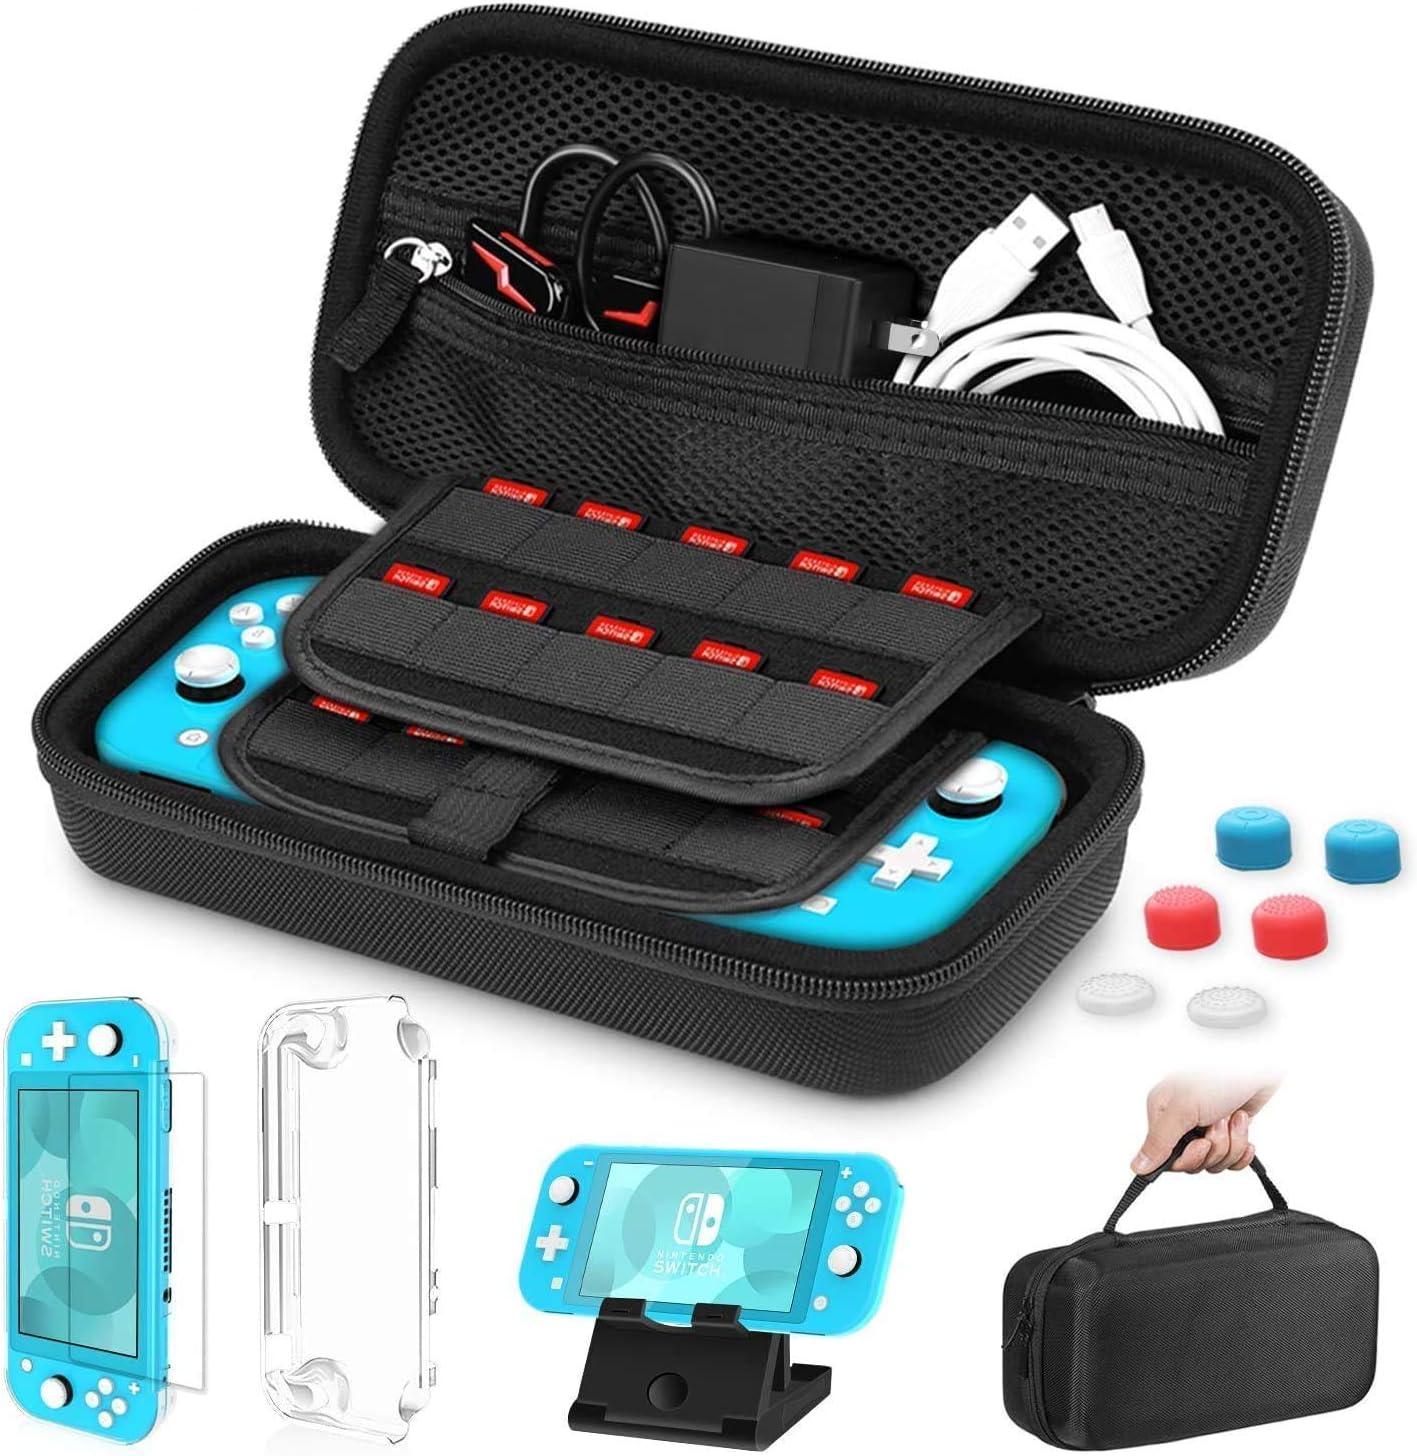 HEYSTOP Funda para Nintendo Switch Lite, Nintendo Switch Estuche de Transporte, Carcasa para Nintendo Switch Lite, PlayStand Ajustable, Protector de Pantalla, 6 Tapas de Agarre para Pulgar